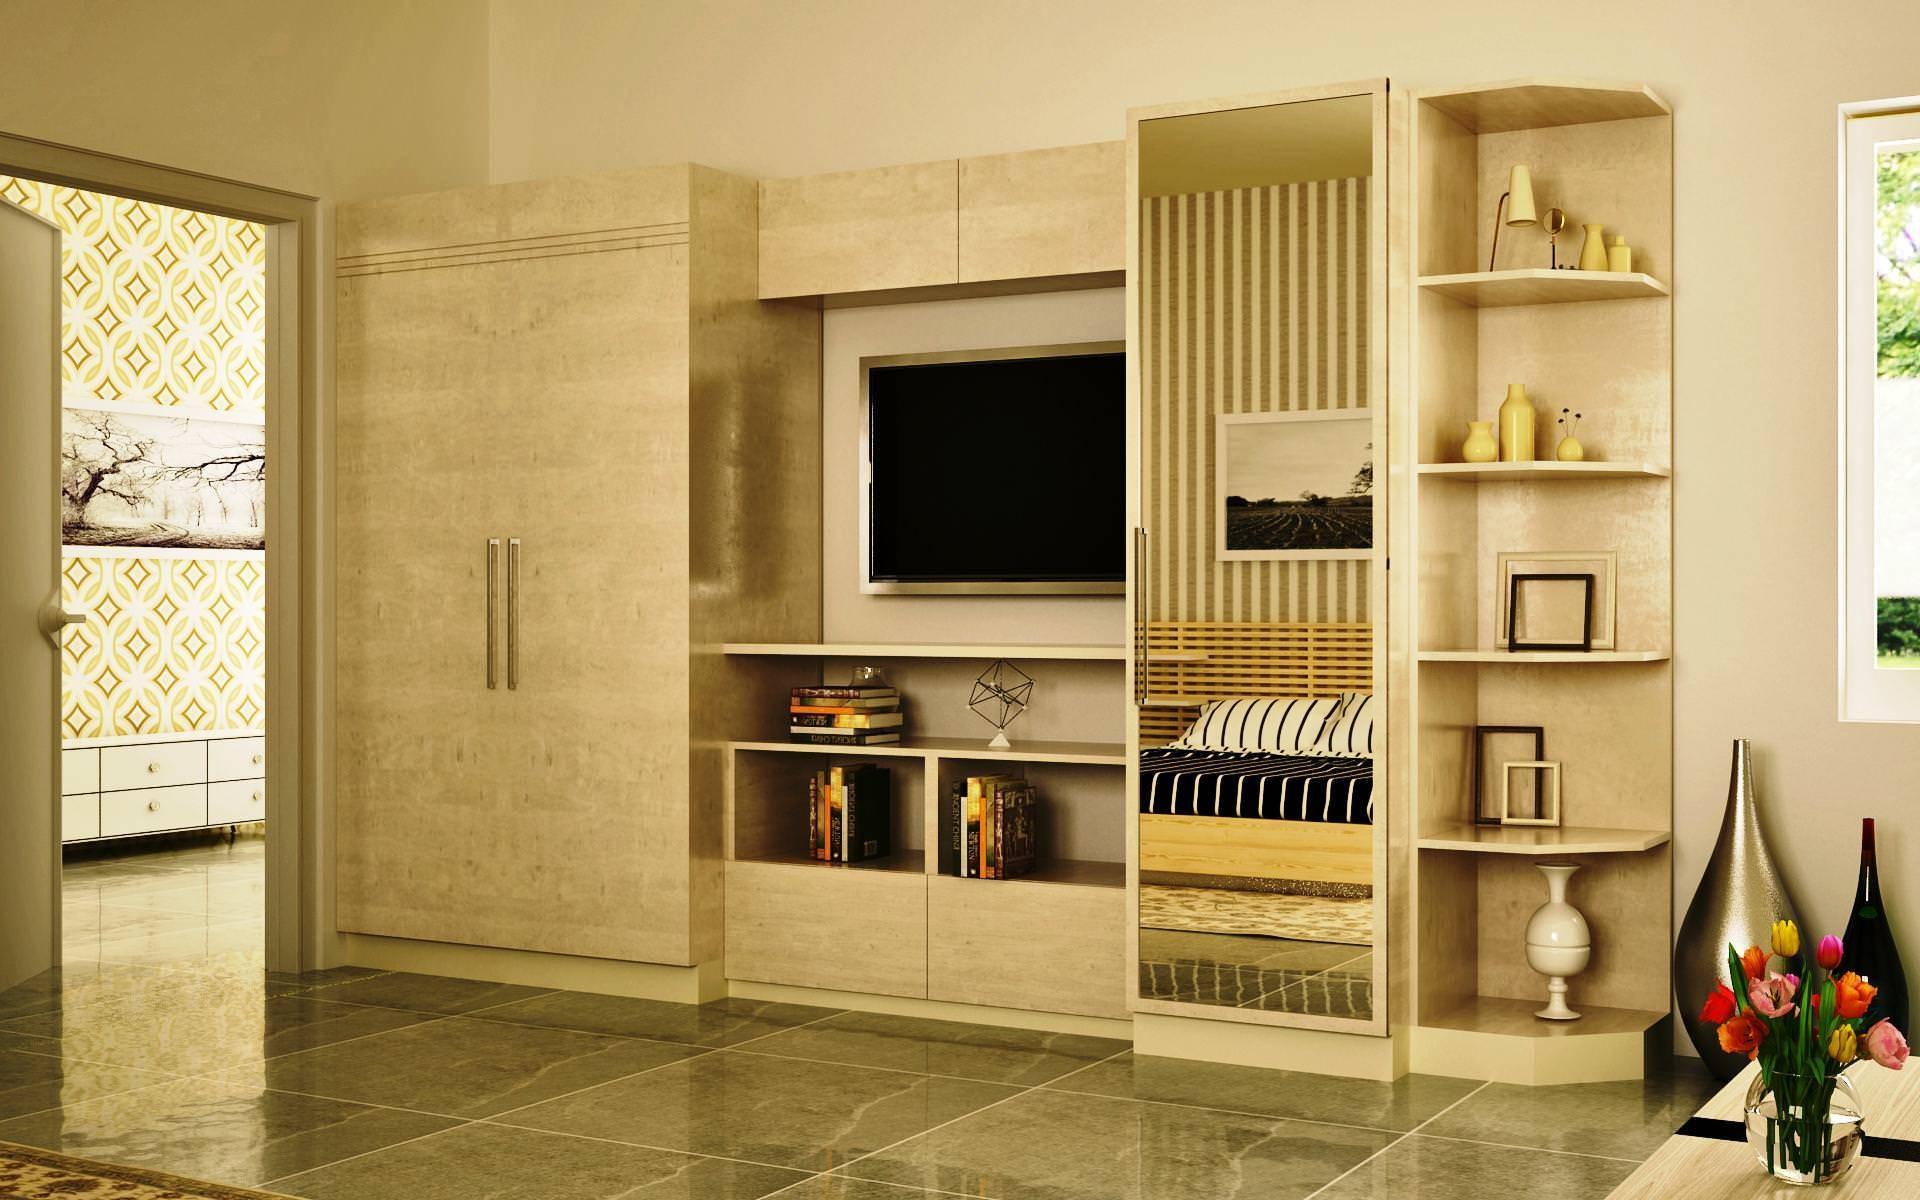 Contemporary Tv Armoire — Contemporary Homescontemporary Homes within Cherry Tv Armoire (Image 6 of 15)